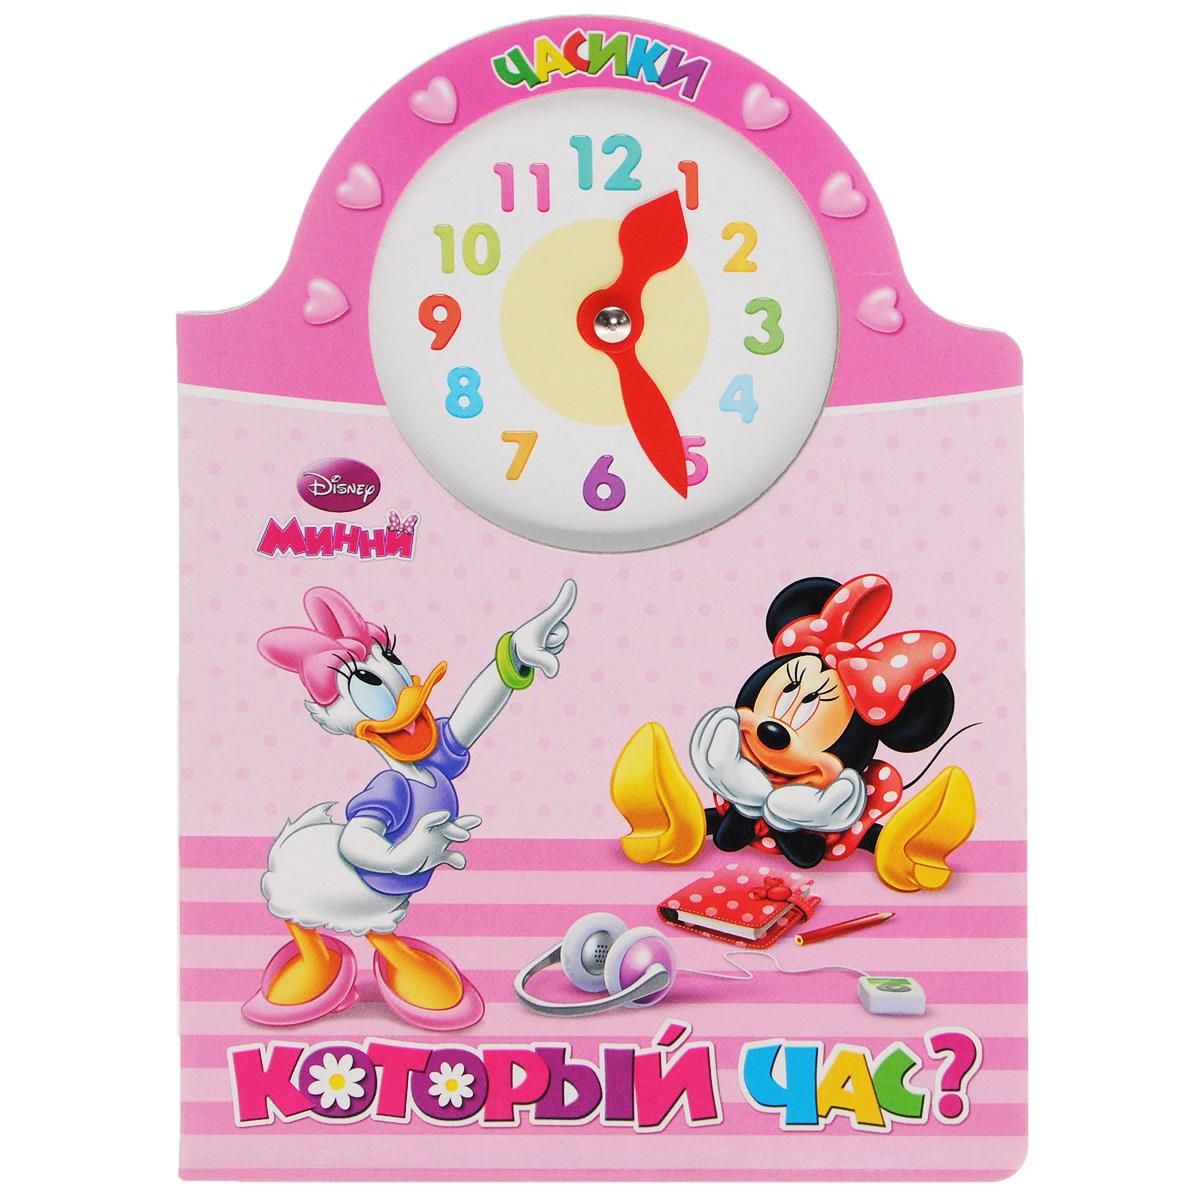 Который час?12296407Серия Часики - это яркие и познавательные книжки с любимыми героями Disney. В Часиках есть красочный циферблат с двигающимися стрелками. С помощью этих занимательных книг ваш малыш научится определять время по часам; узнает, что показывает длинная стрелка, а что - короткая; сам сможет выставлять время.